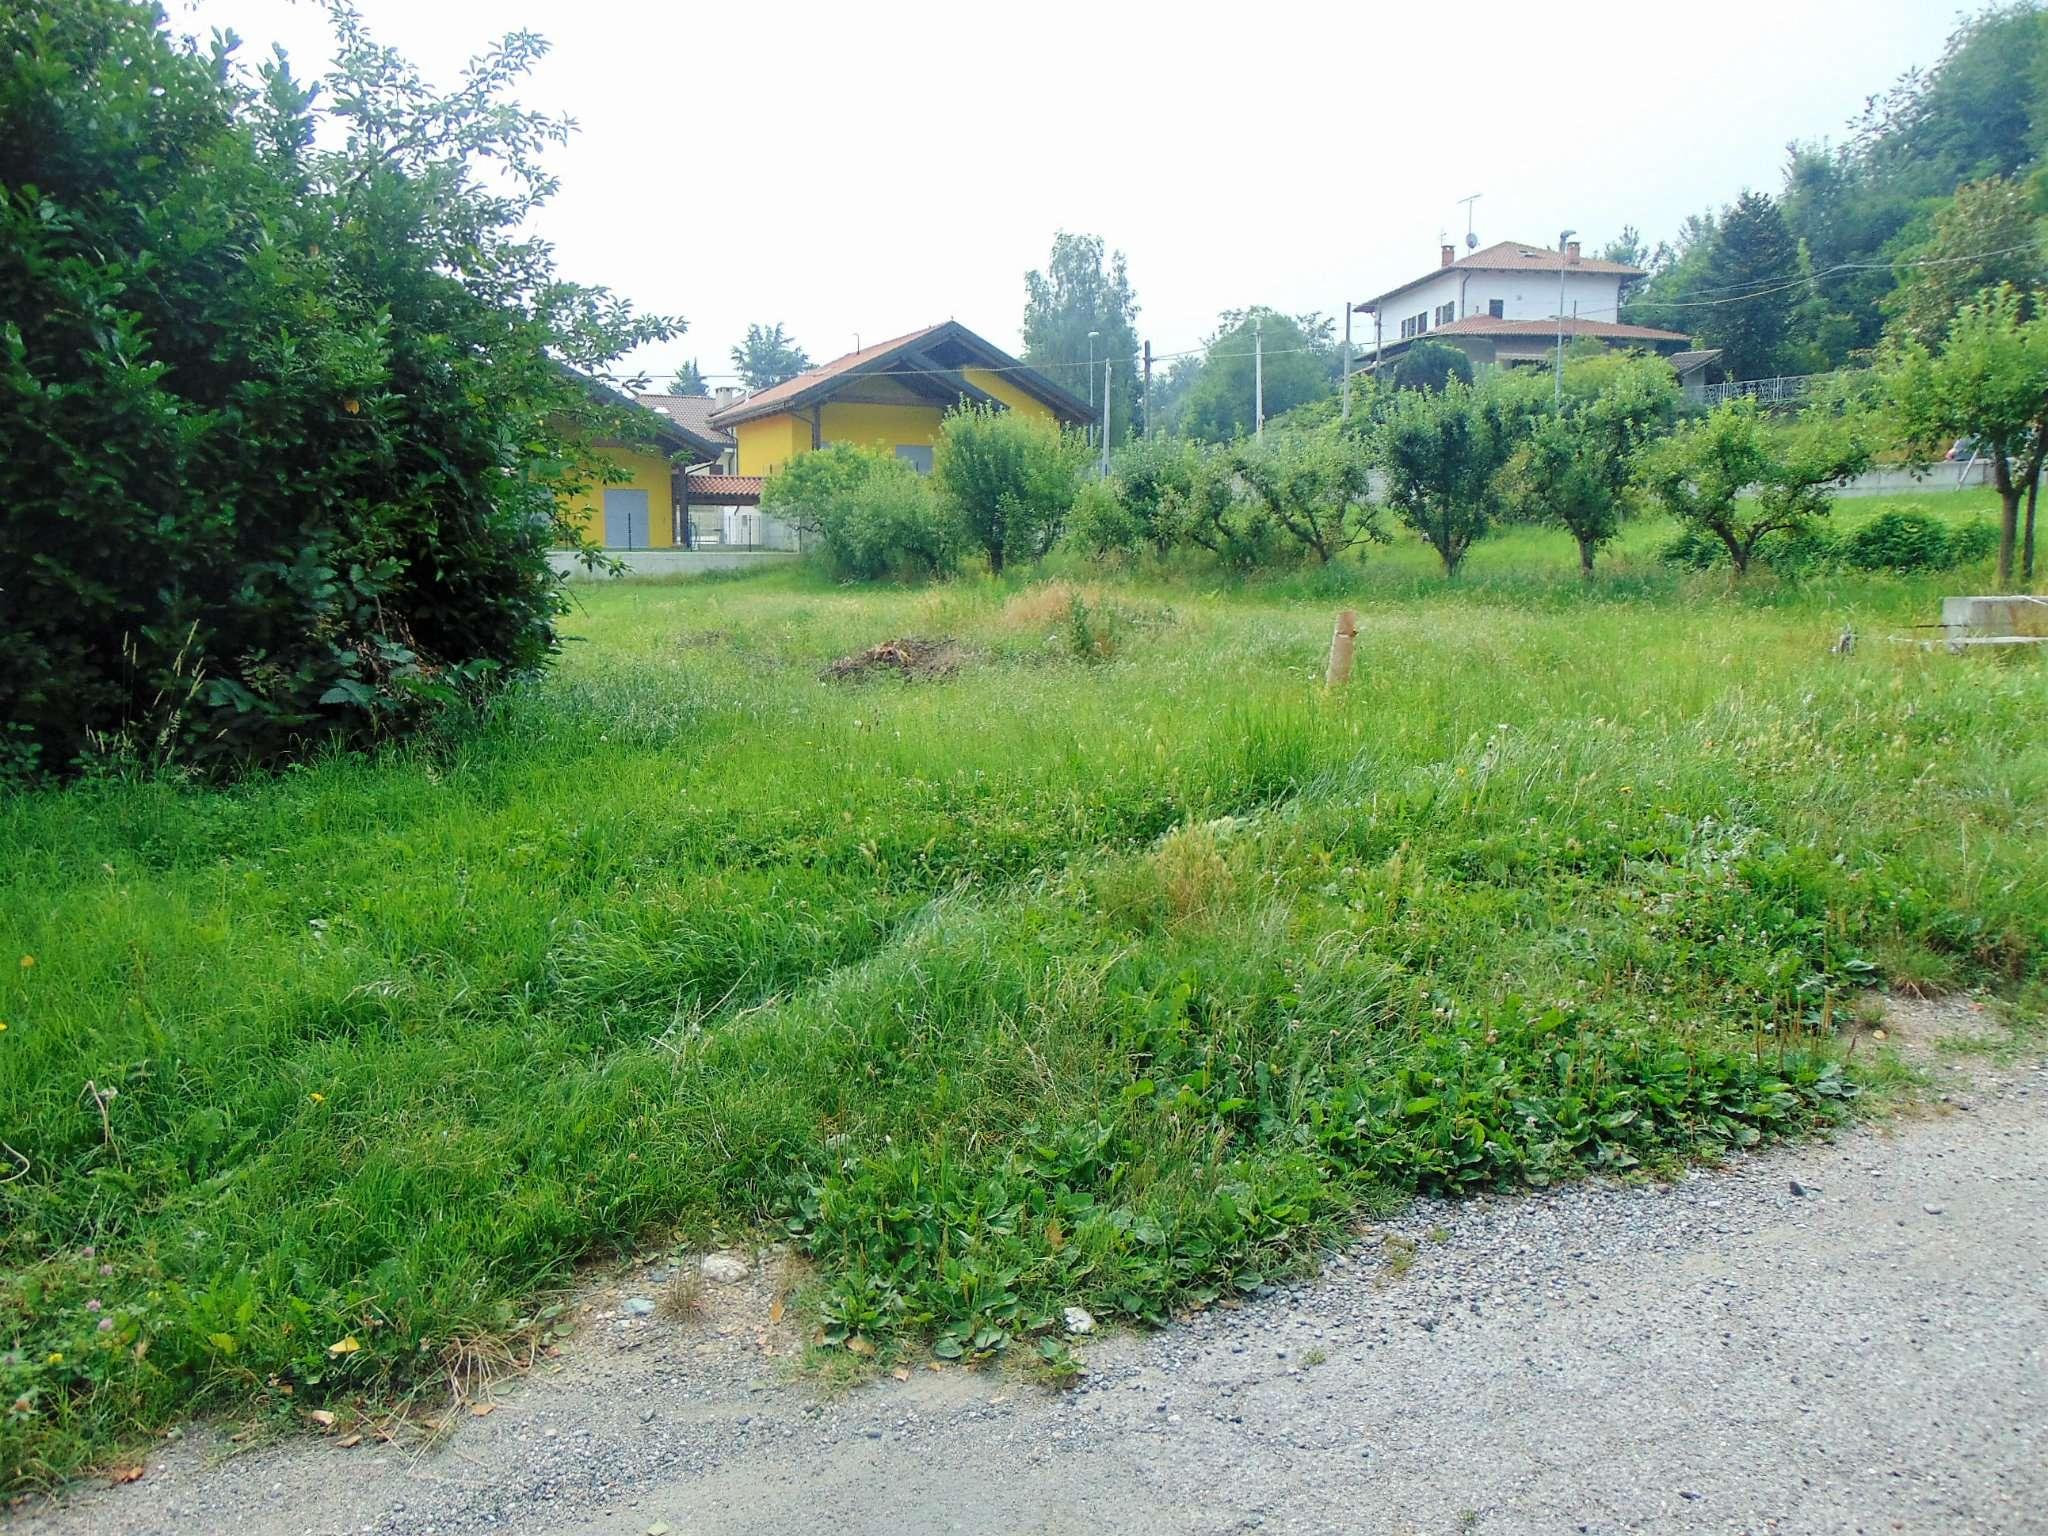 Villa in vendita a Buttigliera Alta, 1 locali, prezzo € 65.000   Cambio Casa.it